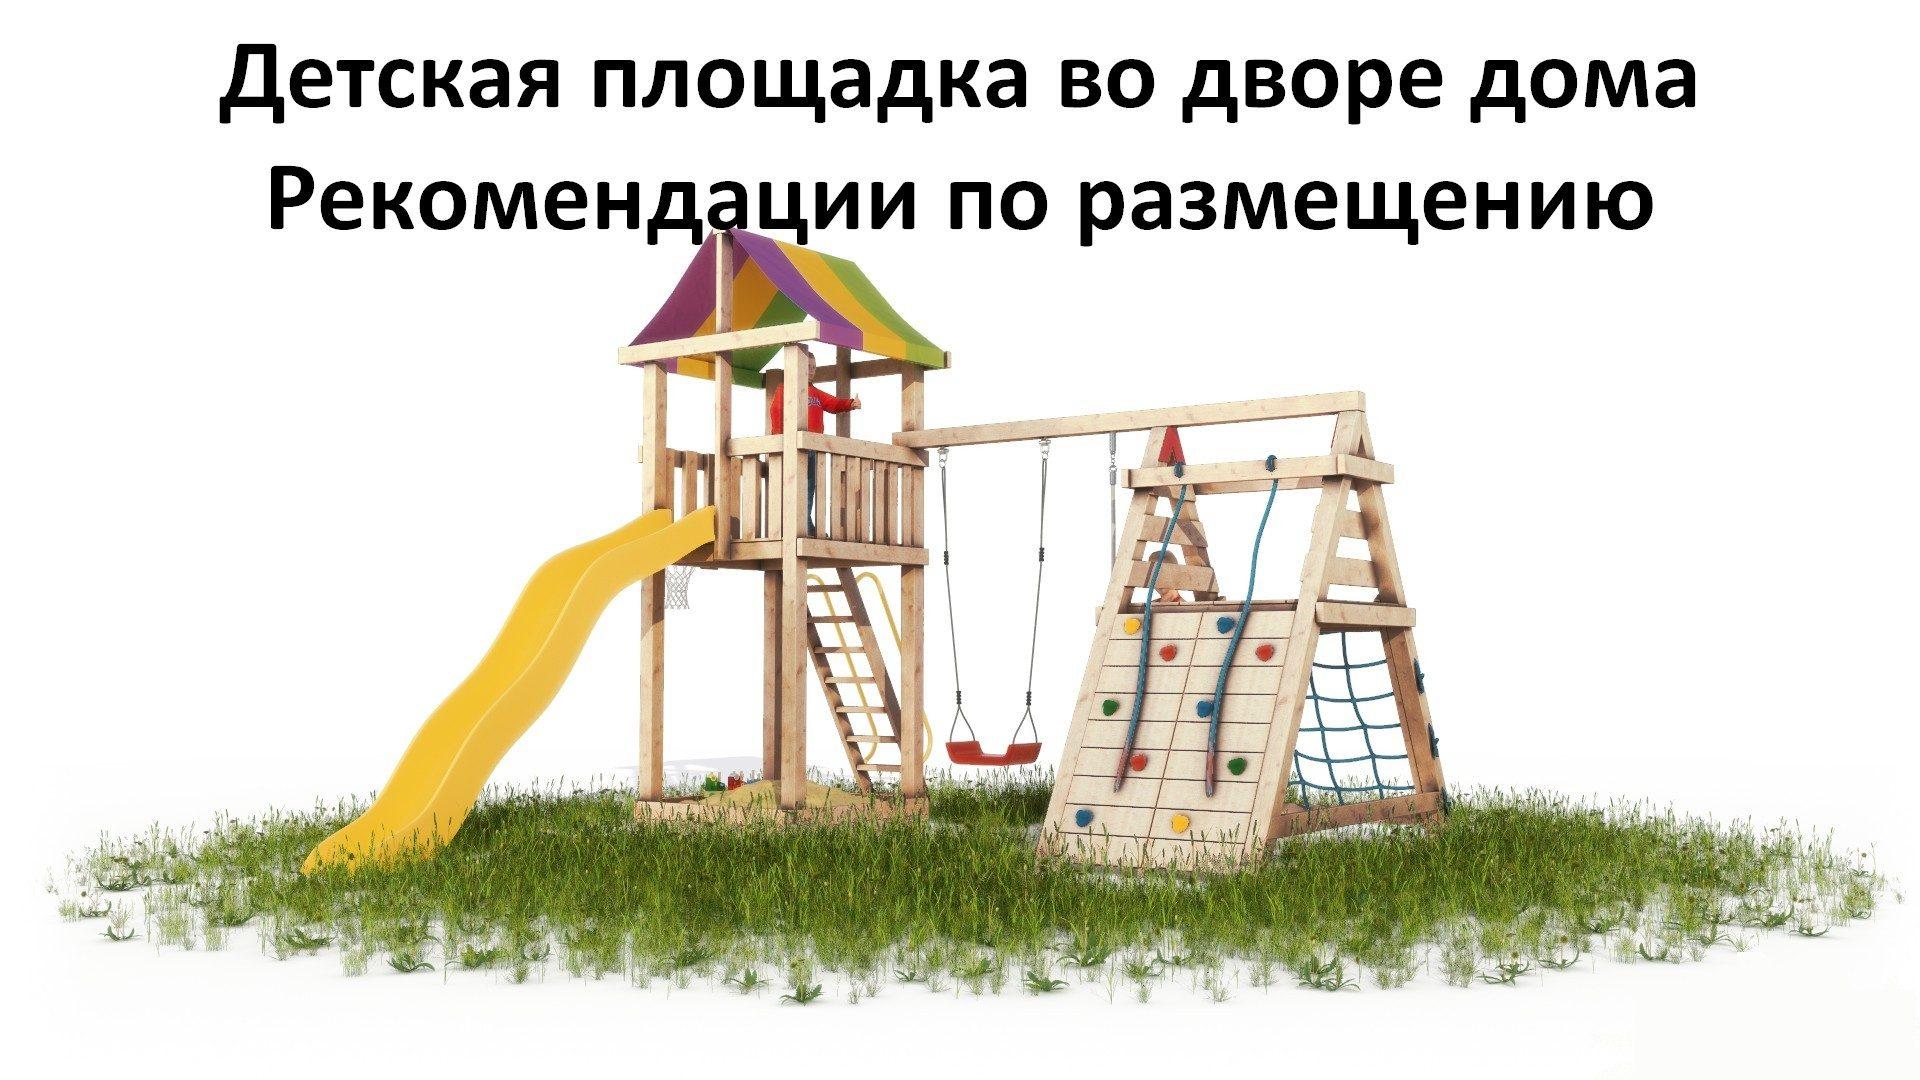 Детская площадка во дворе дома. Рекомендации по размещению